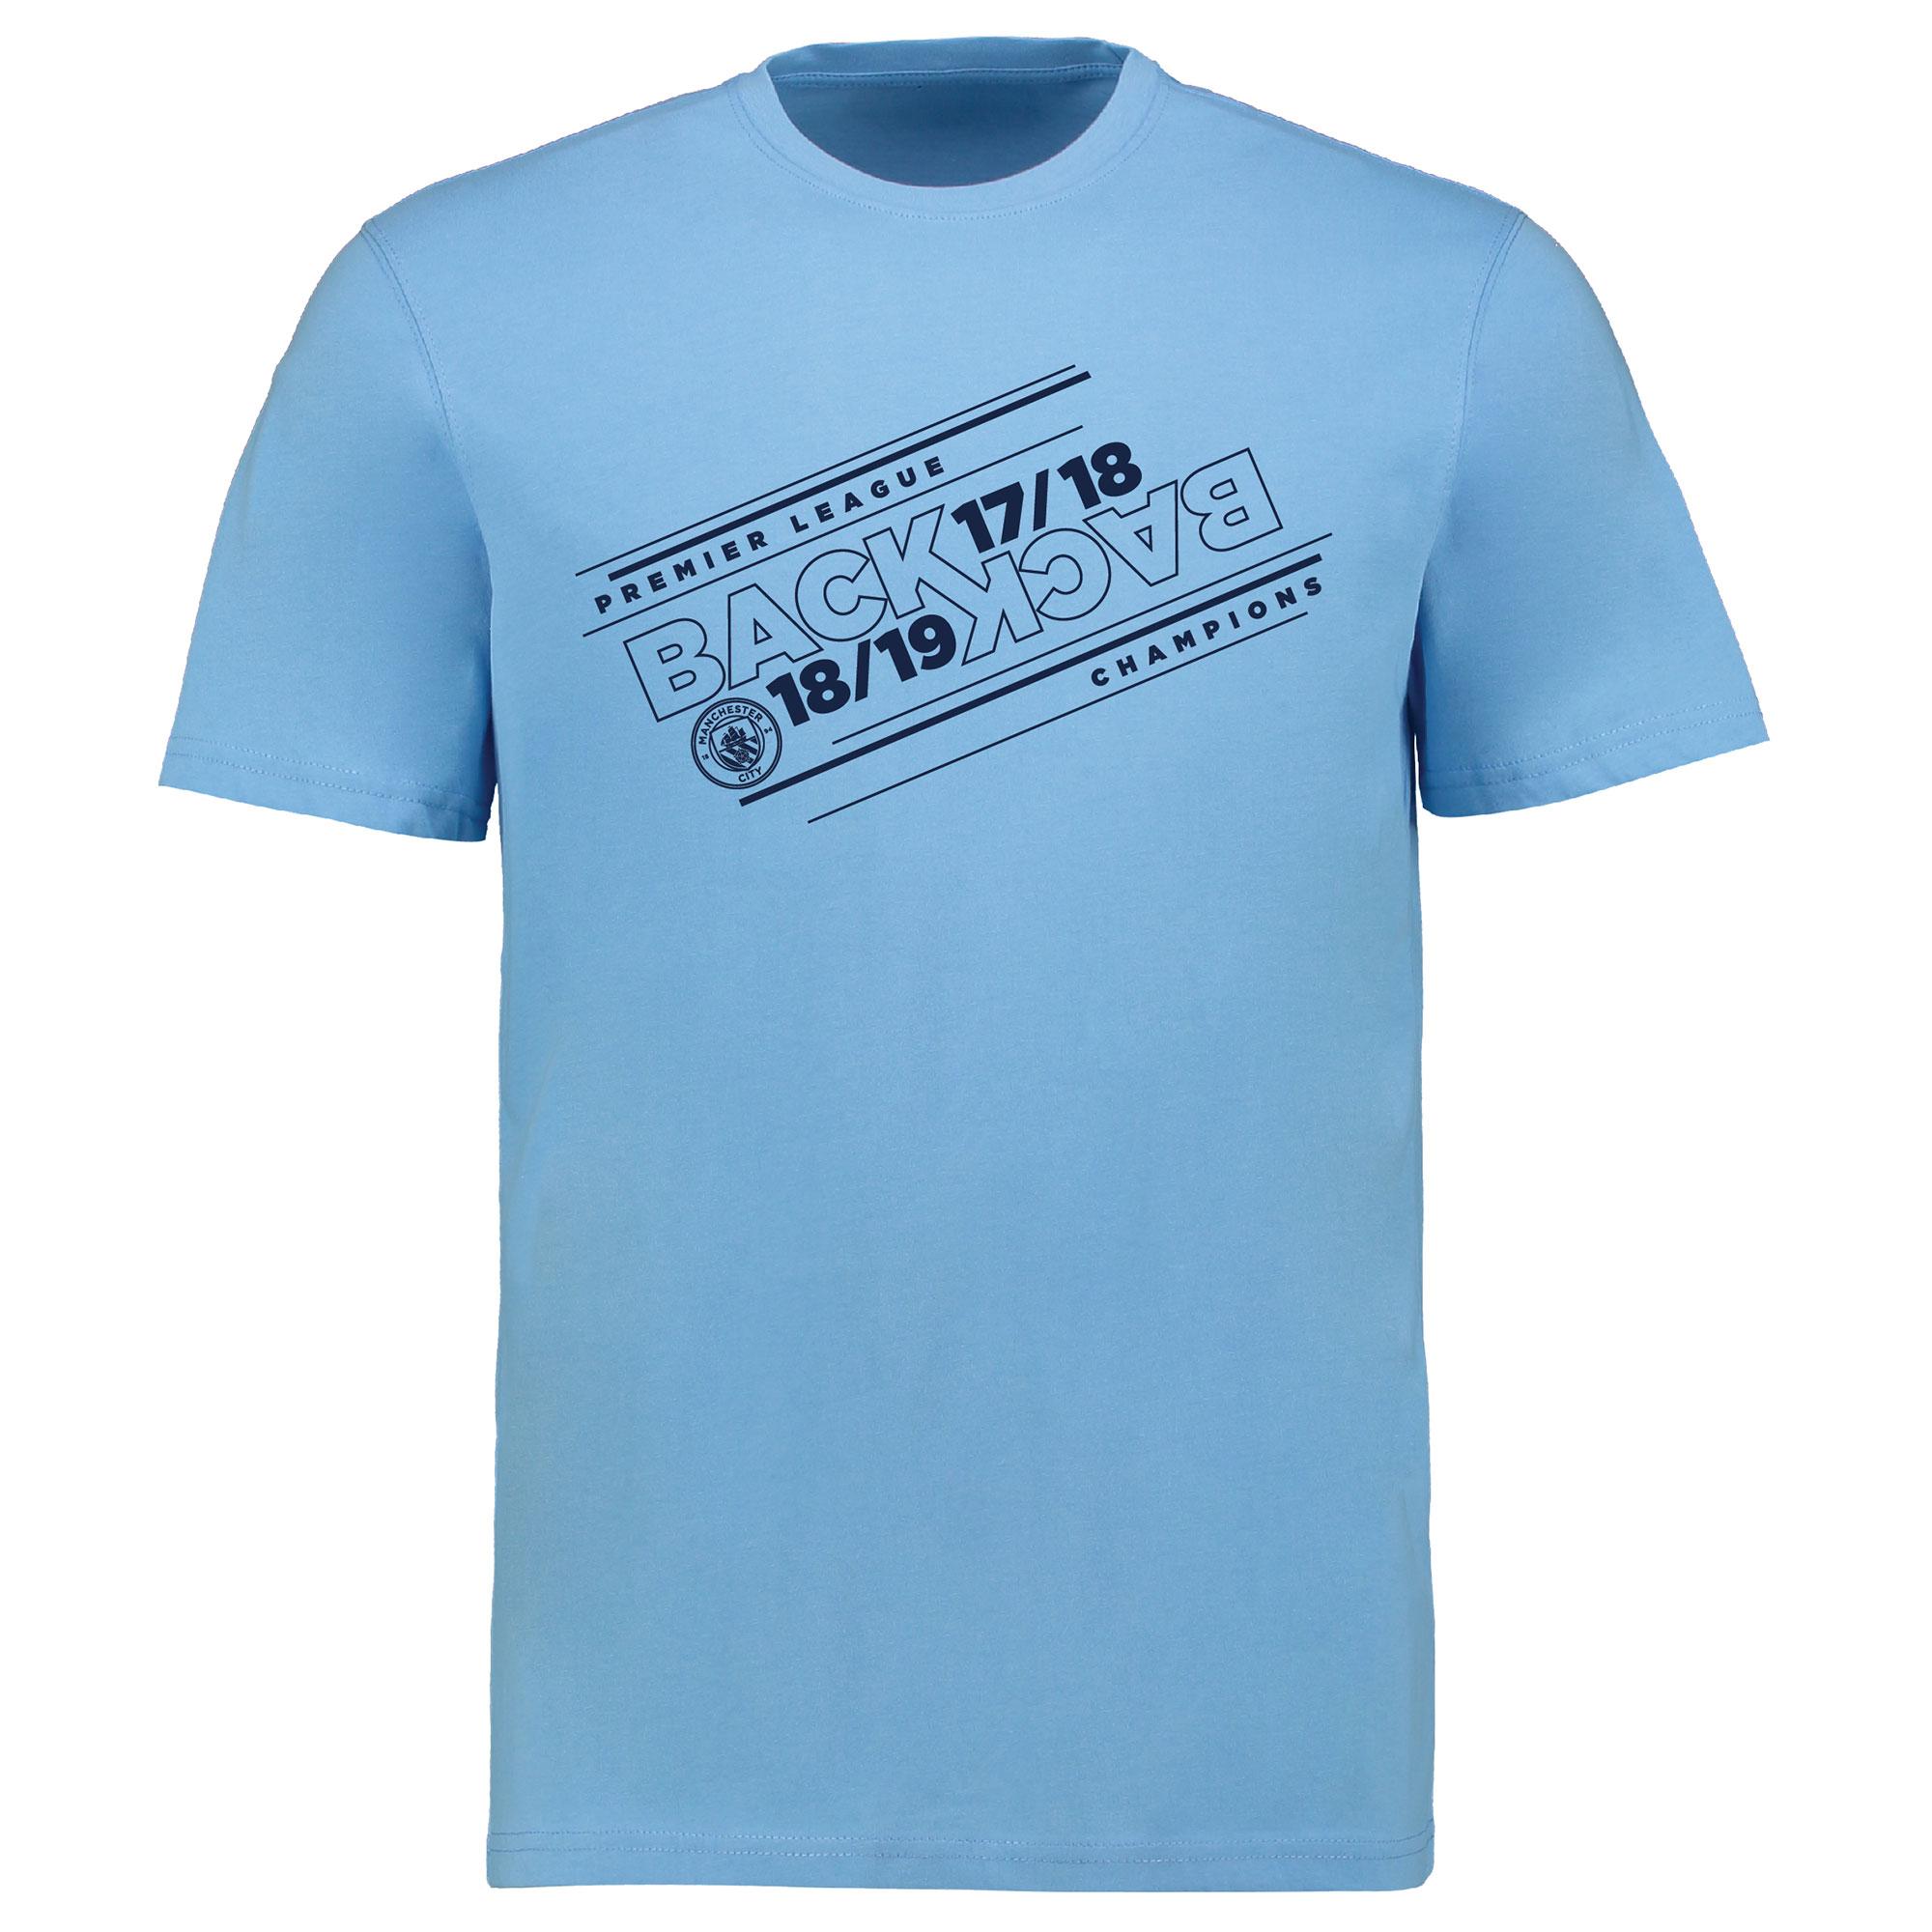 d1beb9c3e Futbalové kluby (všetky) | Manchester City Back 2 Back Champions ...